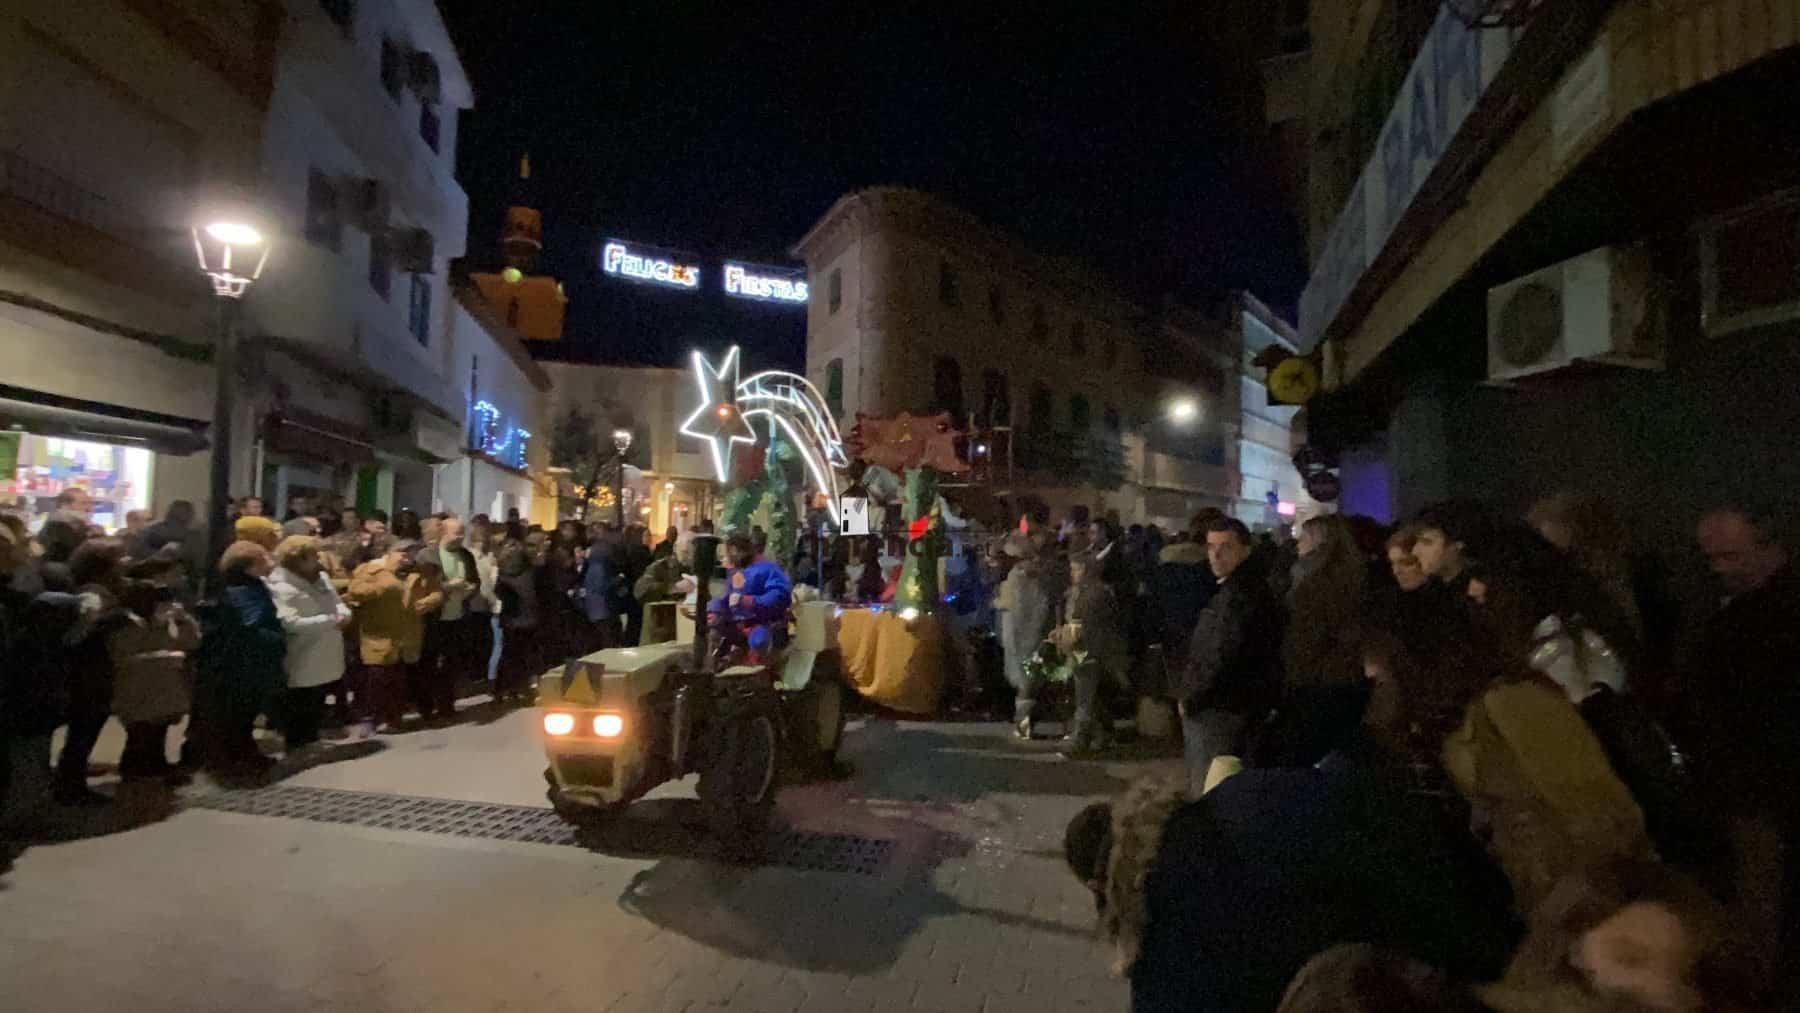 Galería de fotografías de Cabalgata de Reyes Magos de Herencia 57